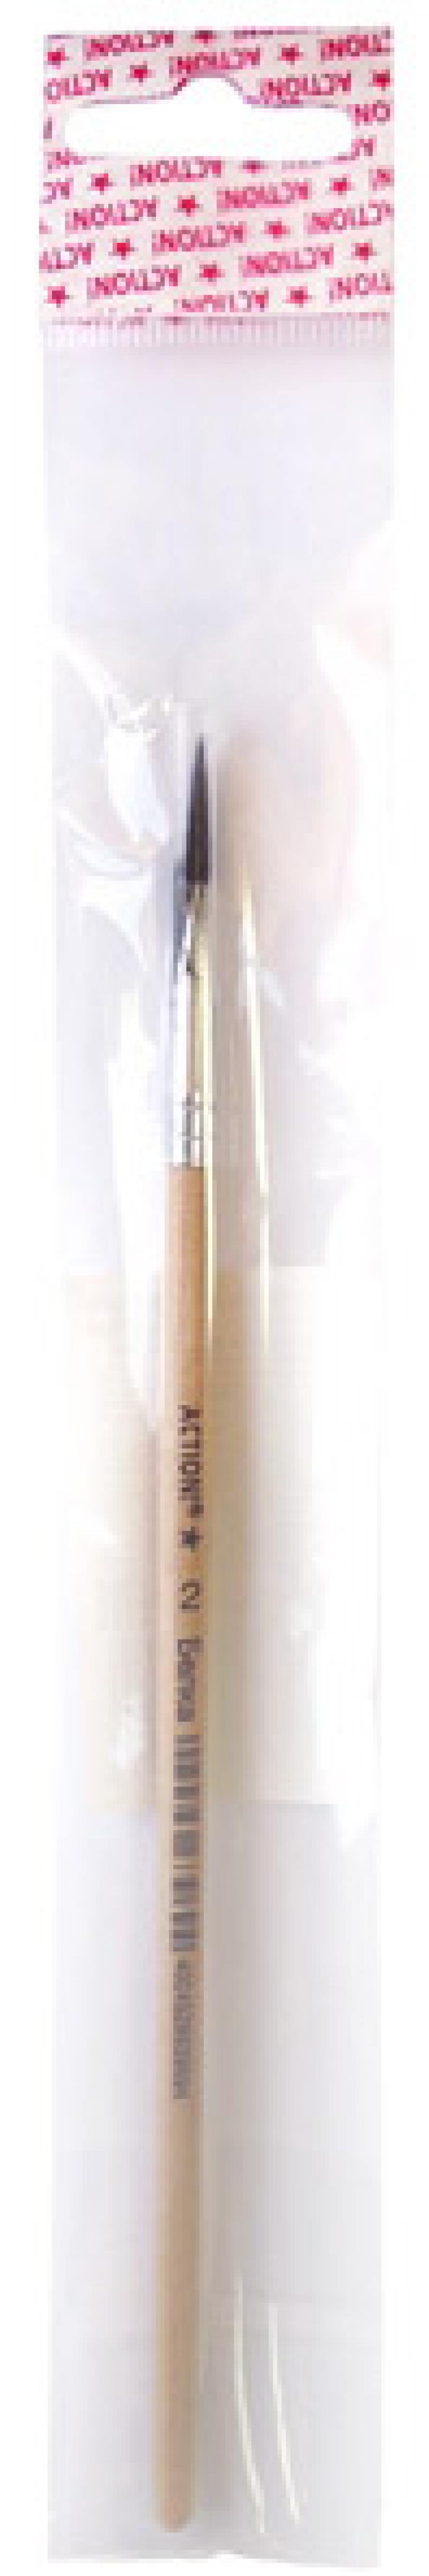 Кисть БЕЛКА, живописная, круглая, имитация, № 2 roubloff кисть 1а10 белка круглая 2 короткая ручка